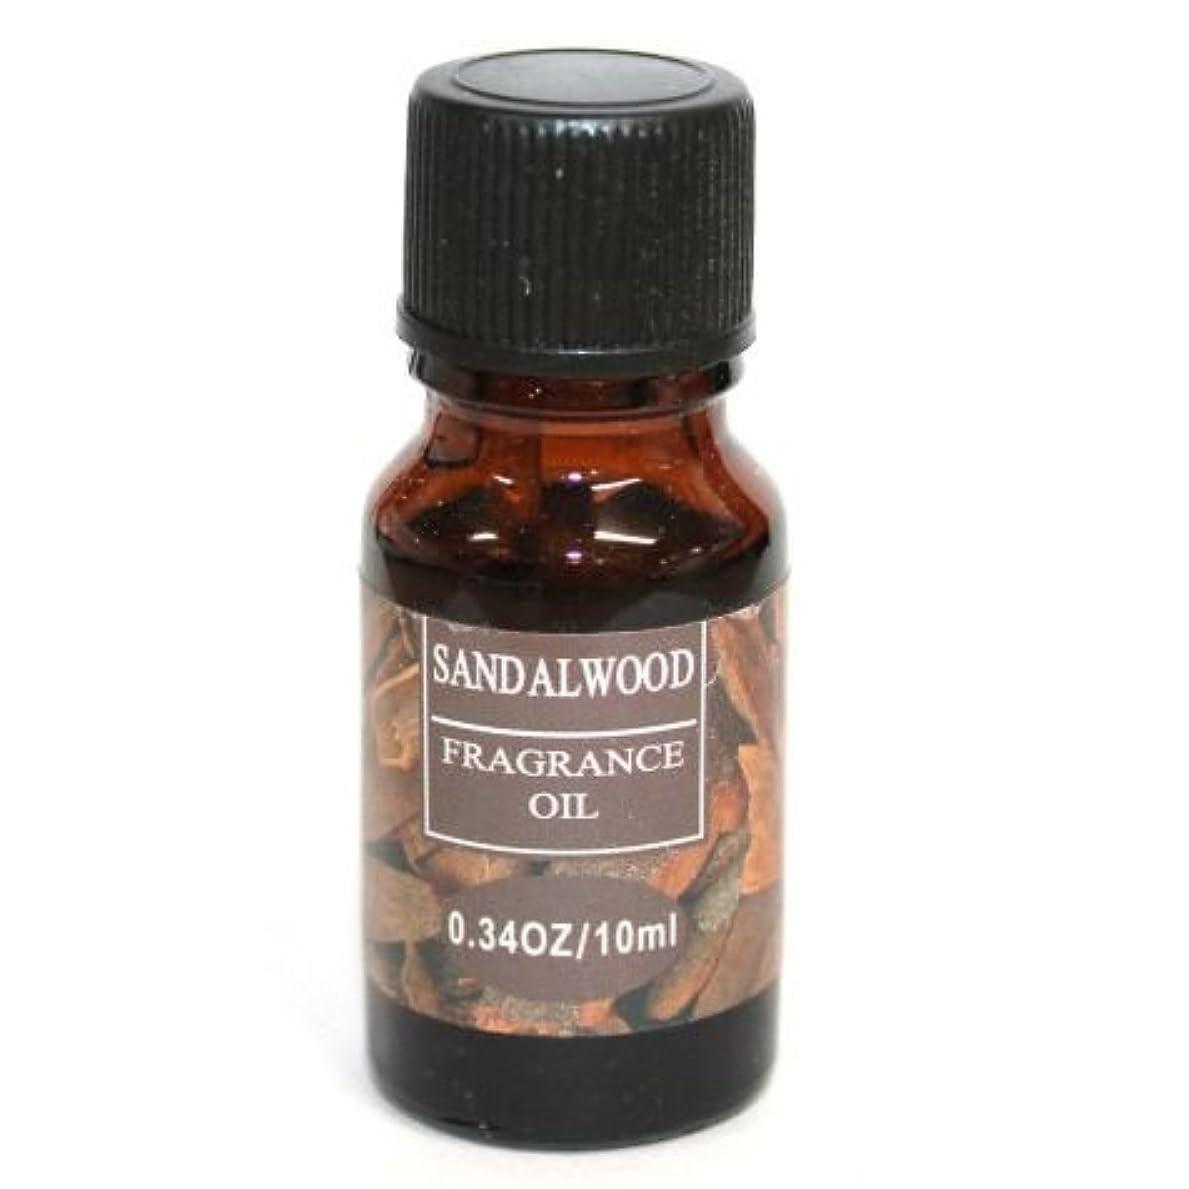 ジム重なる負担RELAXING アロマオイル フレグランスオイル サンダルウッドの香り ビャクダン (白檀) RQ-03